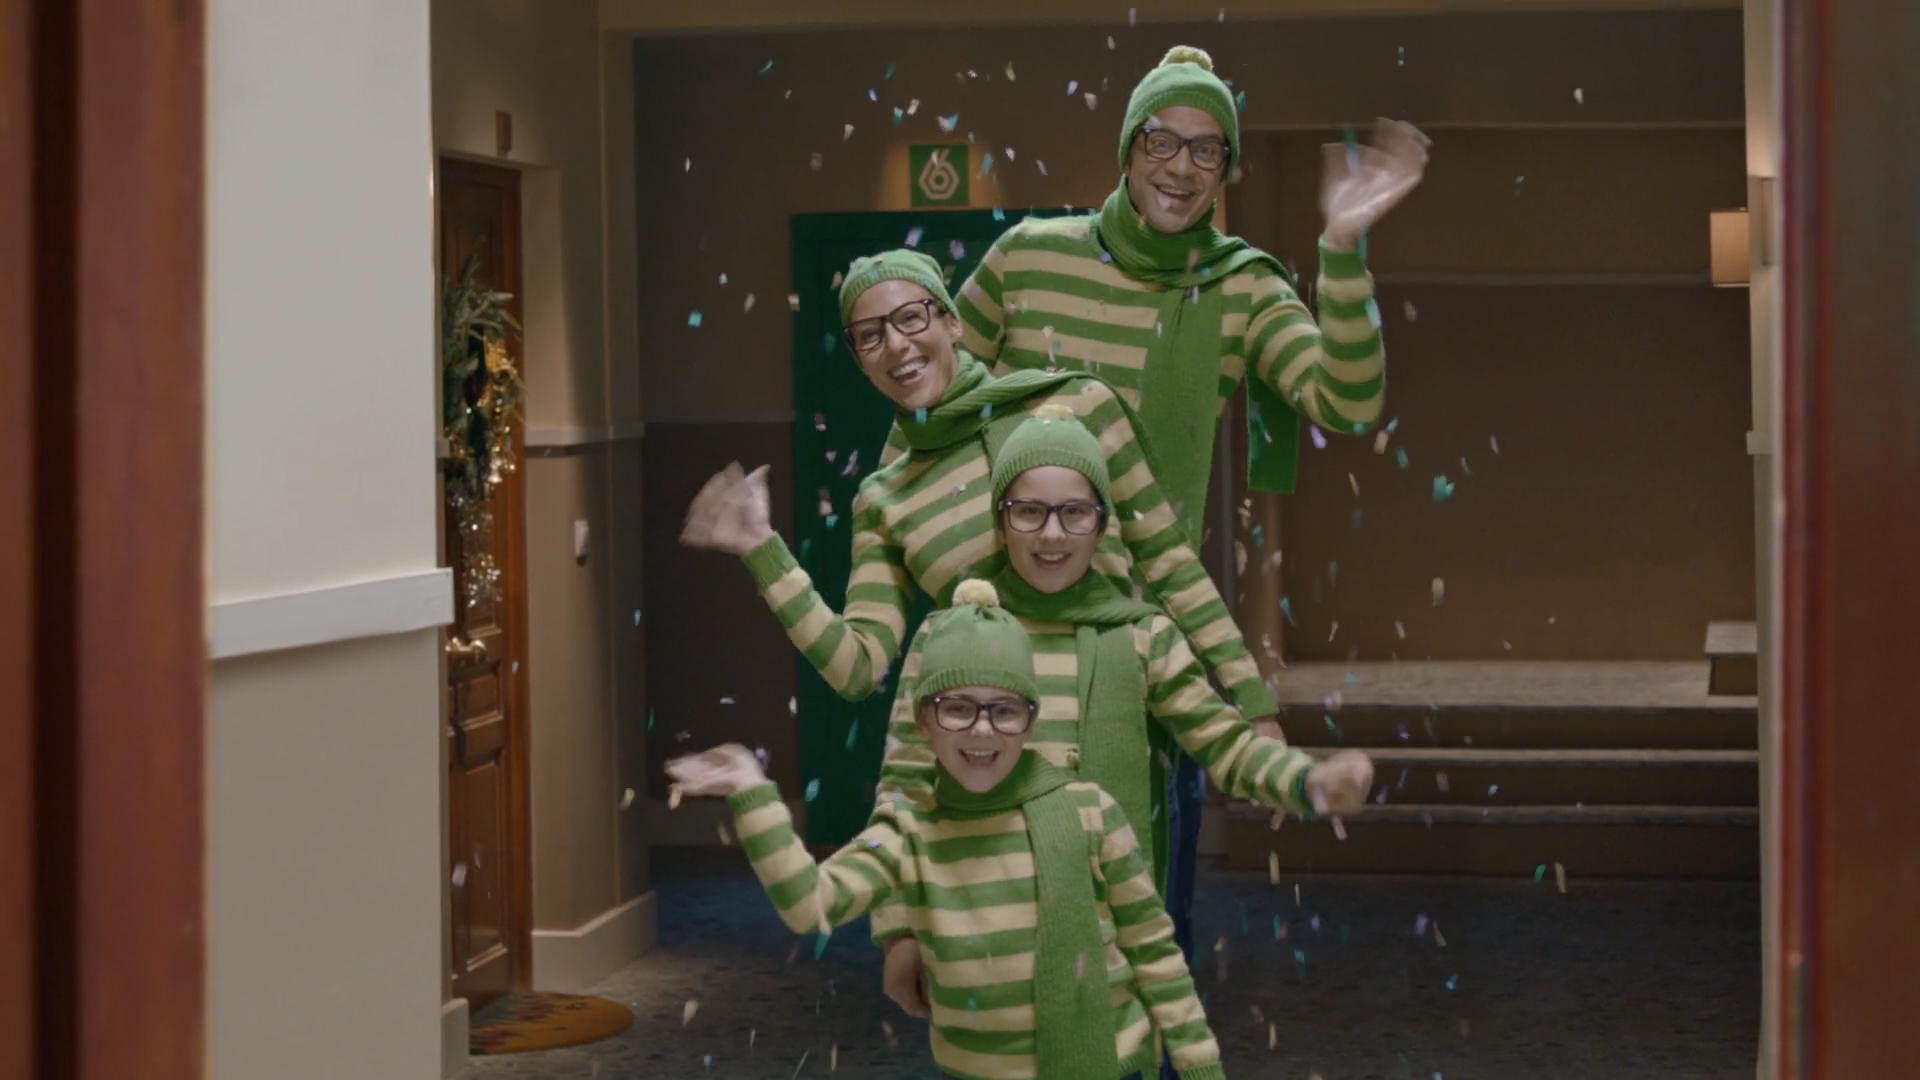 feliz-navidad-la-sexta-el-exilio-familia-saludando-gafas-video-1920x1080.jpg